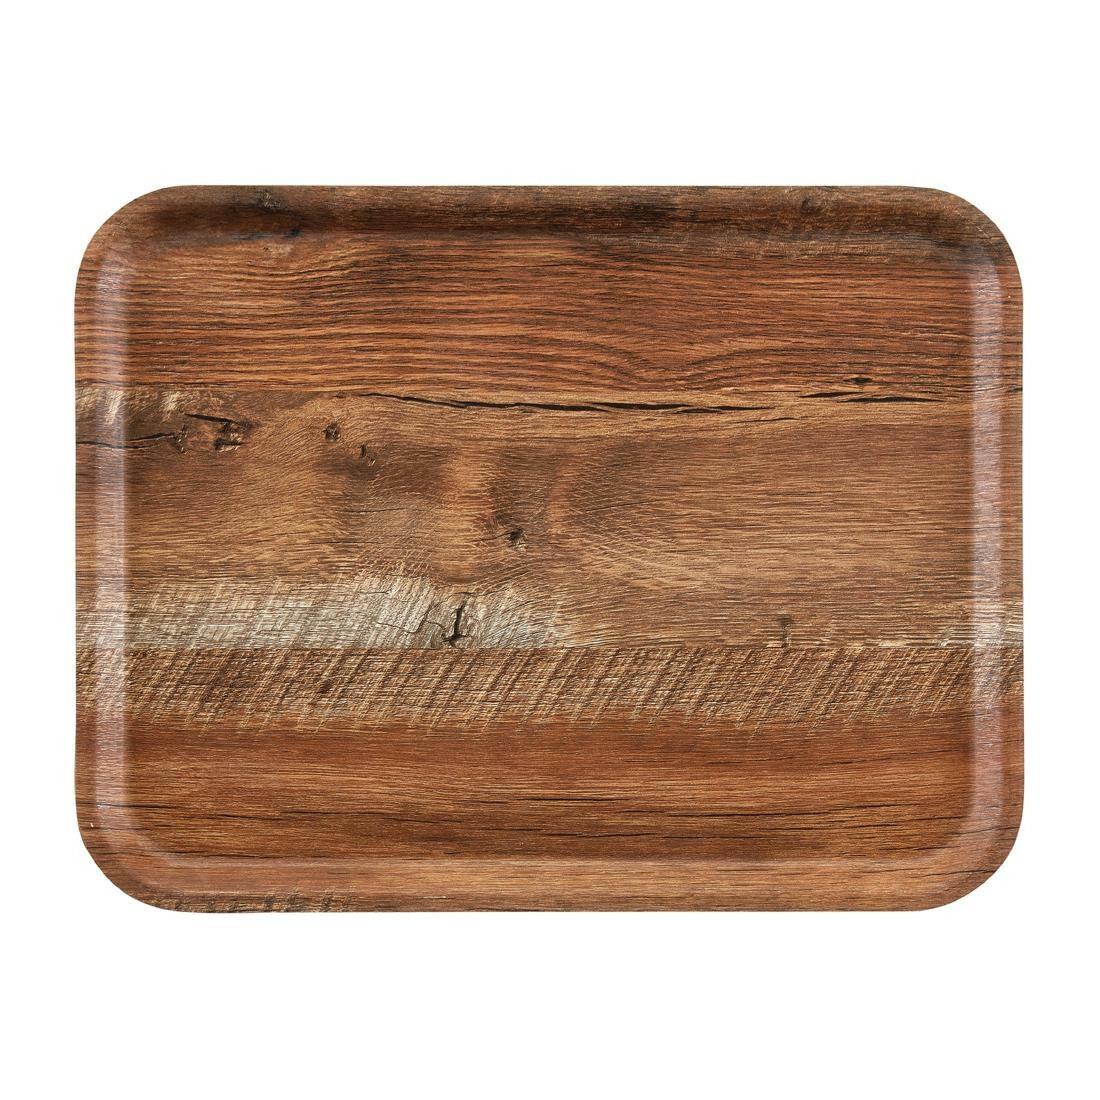 Cambro rechthoekig dienblad bruin eiken 46 x 33 cm